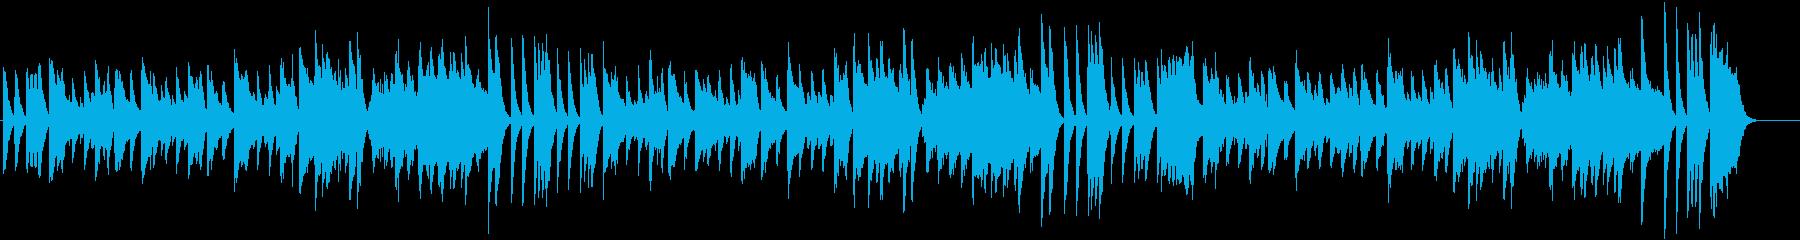 アップテンポでハッピーな冬ピアノBGMの再生済みの波形